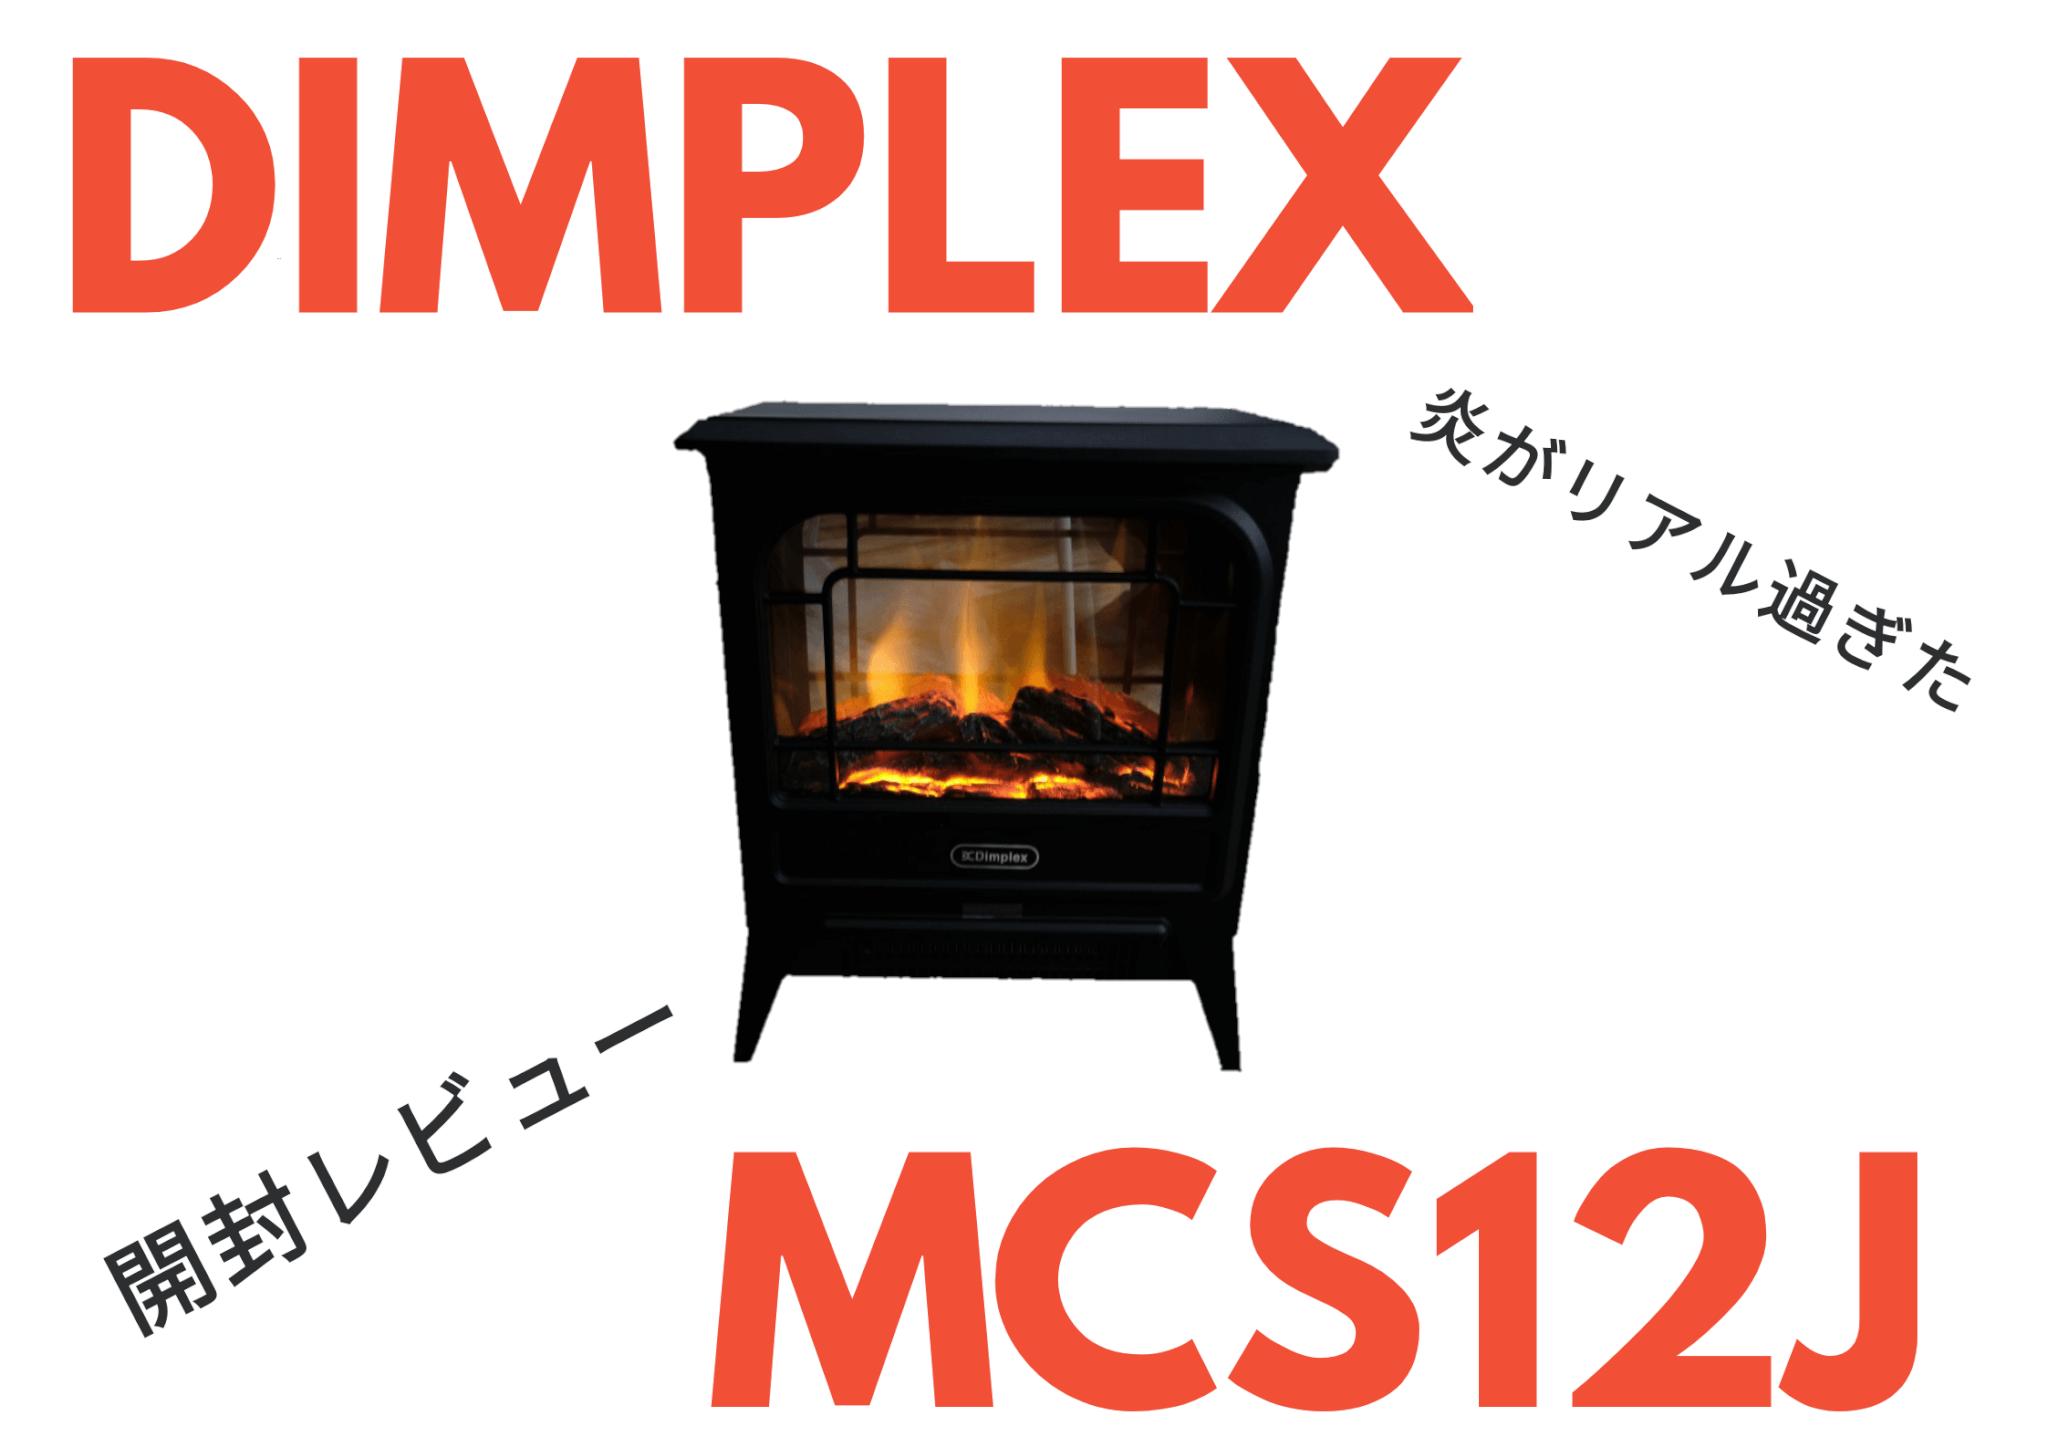 超おしゃれなディンプレックス マイクロストーブ使用レビュー「本物の暖炉みたい…。」変わり種ヒーターの凄さを徹底解説‼